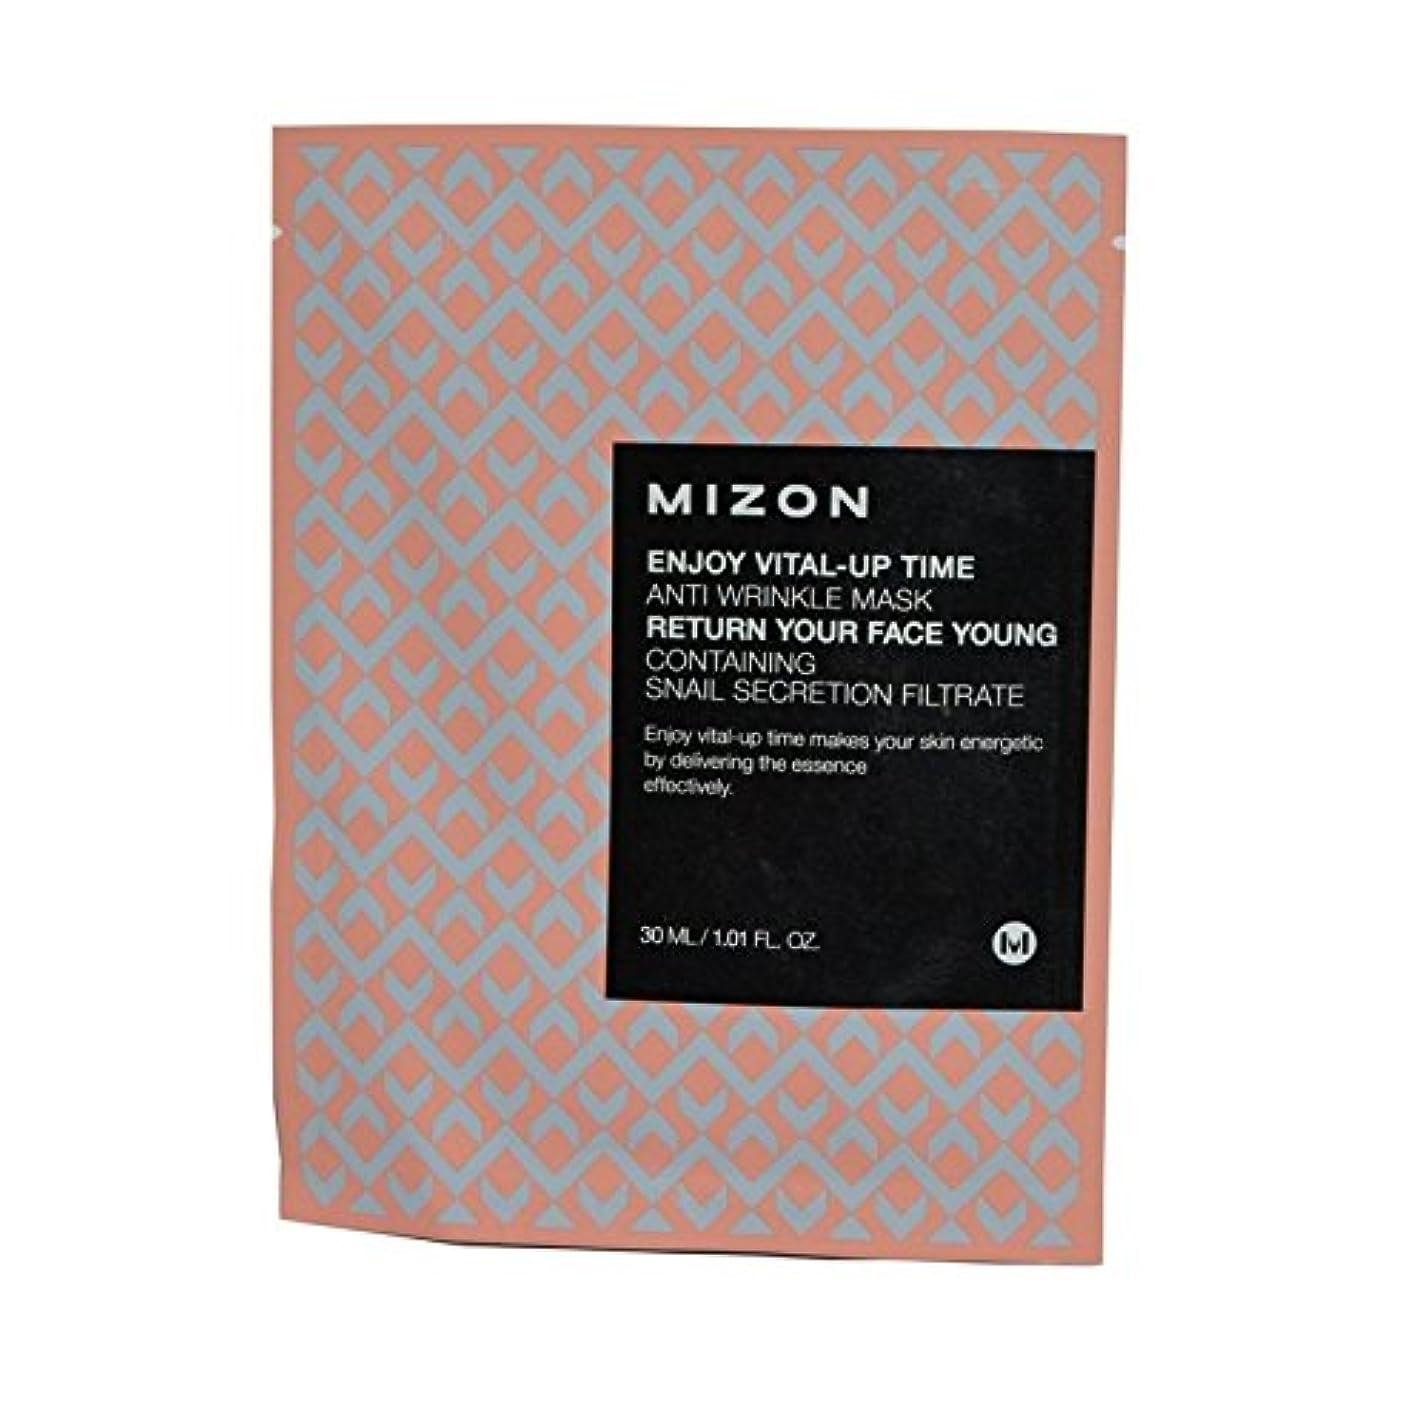 バーゲン保安あまりにもが不可欠アップ時間抗しわマスクを楽しみます x2 - Mizon Enjoy Vital Up Time Anti-Wrinkle Mask (Pack of 2) [並行輸入品]